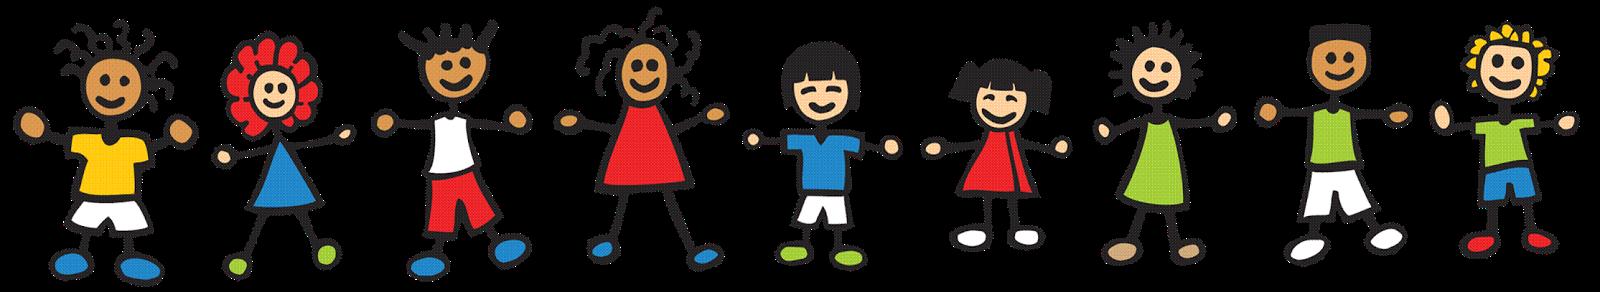 Kids Holding Hands Clip Art - Clipartall-Kids Holding Hands Clip Art - clipartall .-13